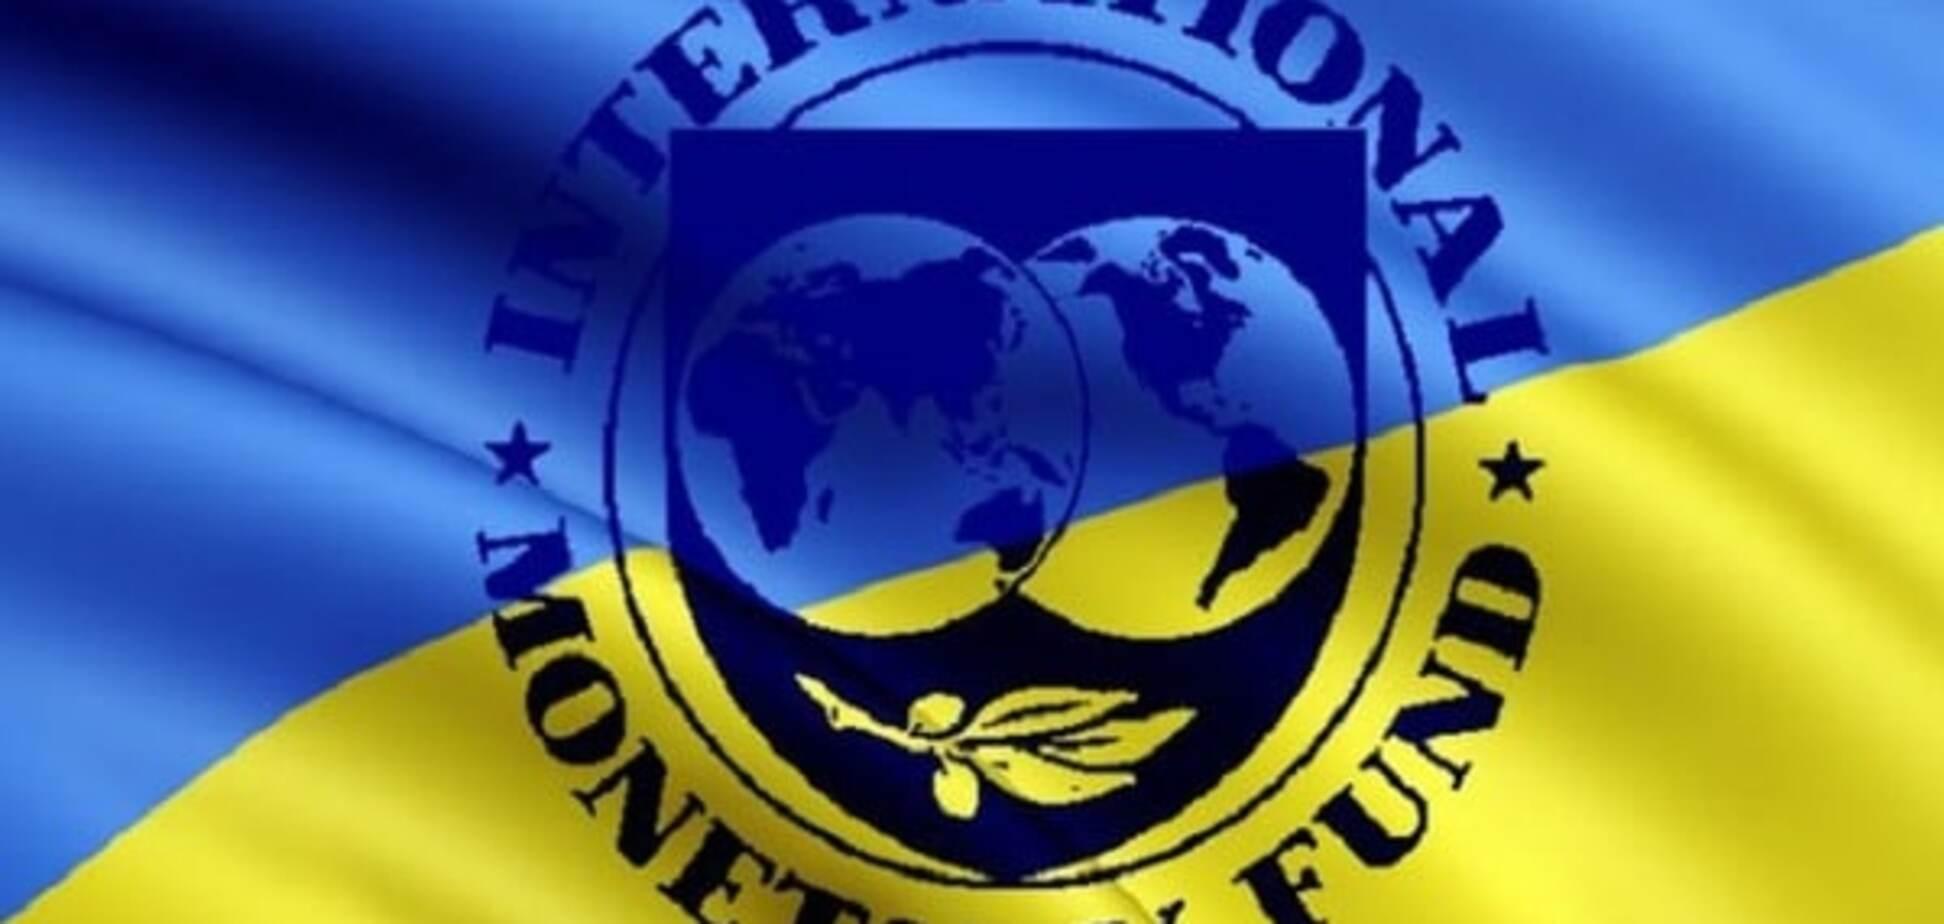 Не як у людей: експерт розповів, до чого призведе ідея МВФ про мега-холдинг